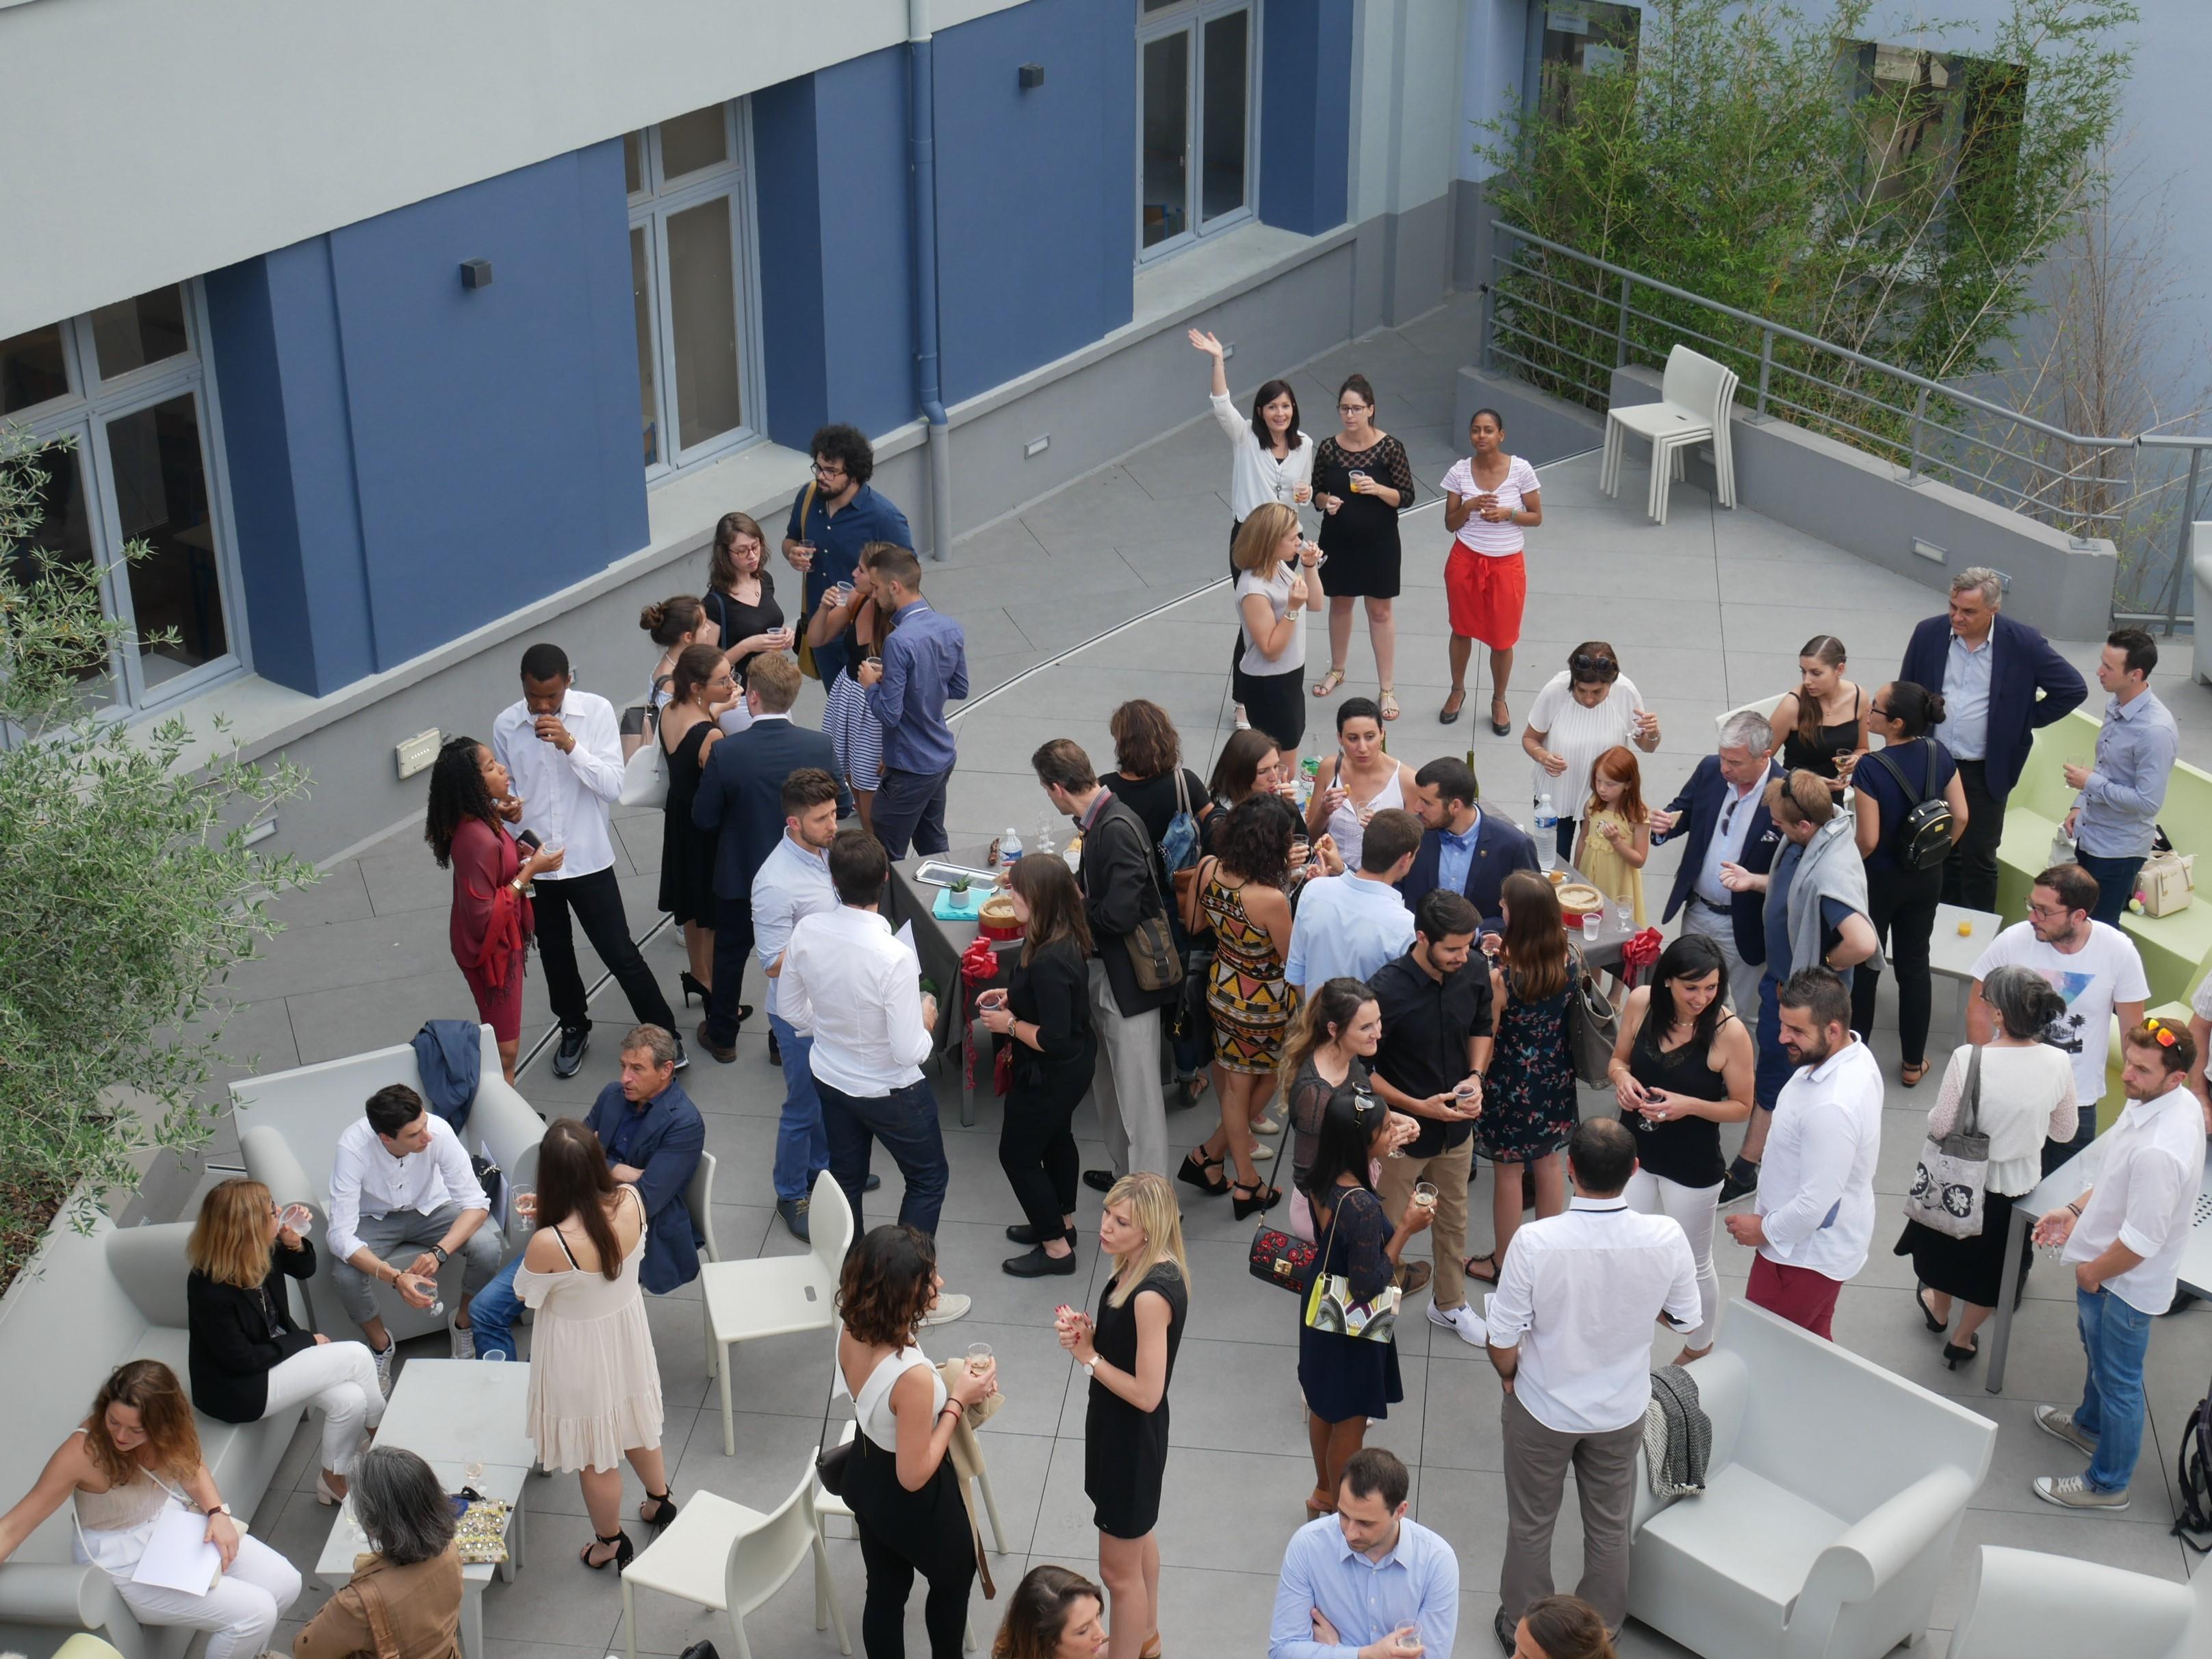 Cours-diderot-formations-superieures-bts-bachelor-master-lille-paris-toulouse-lyon-montpellier-marseille-aix-en-provence-nice-campus-soirée